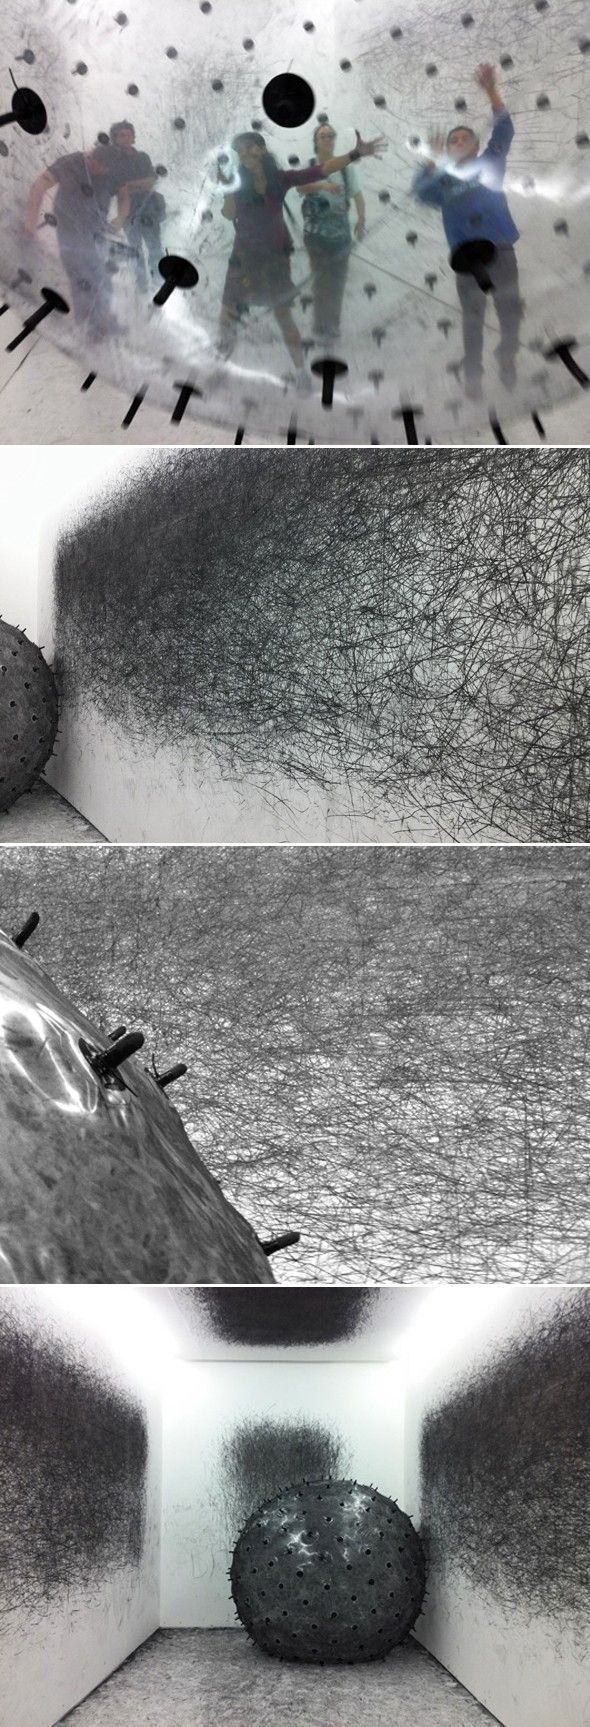 nstallation baptisée « ADA » de l'artiste Karina Smigla-Bobinski  Voici une très belle installation interactive imaginée et réalisée par l'artiste contemporain Karina Smigla-Bobinski. L'installation est composée d'une boule géante gonflée à l'hélium, couverte de pointes en fusain qui inscrivent sur les murs les passages de la boule. Dans cette installation les visiteurs peuvent faire bouger la boule pour participer à l'oeuvre.